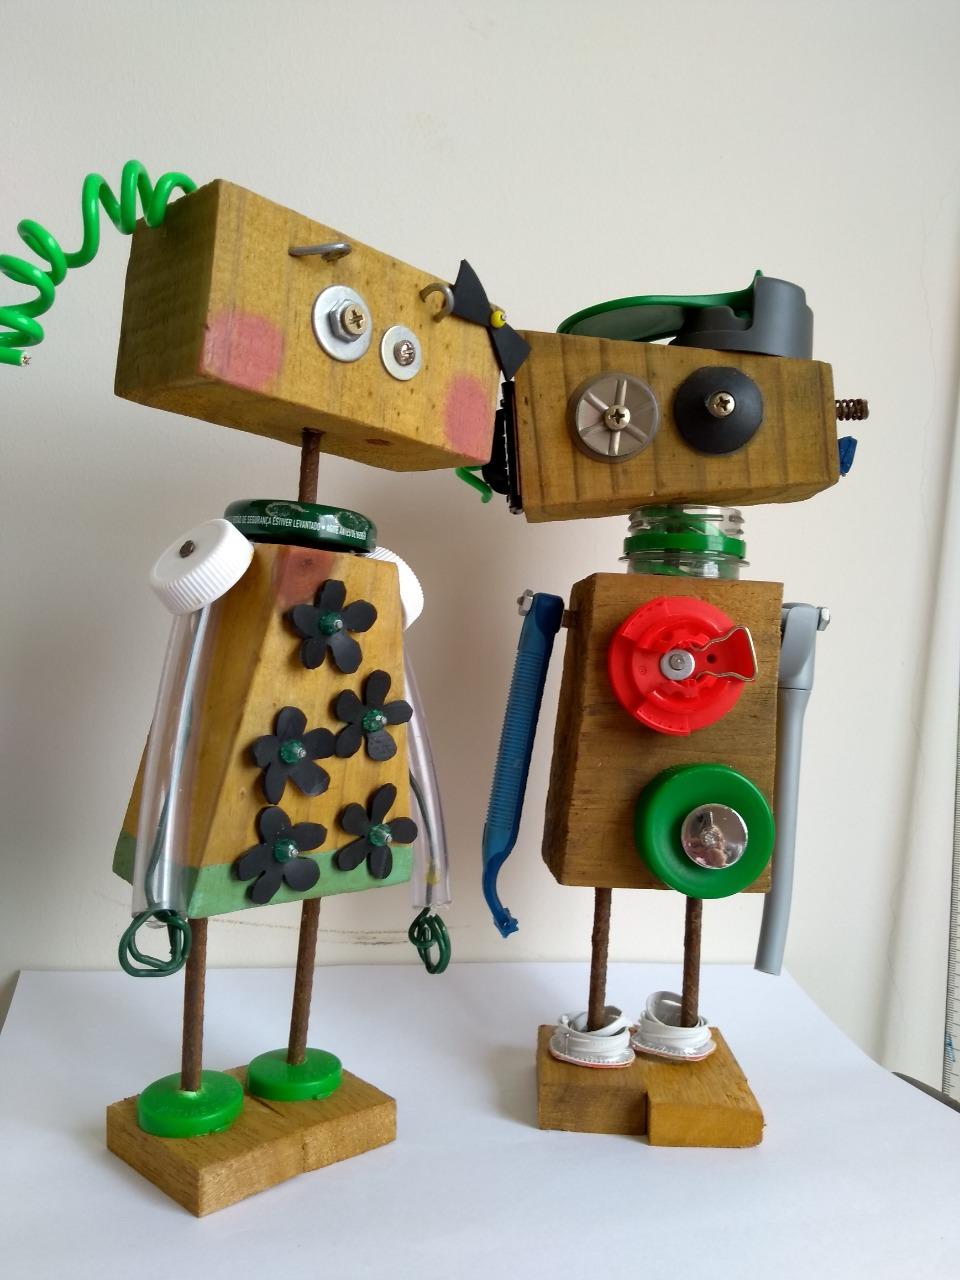 artista faz robôs adoráveis material descartado construção civil